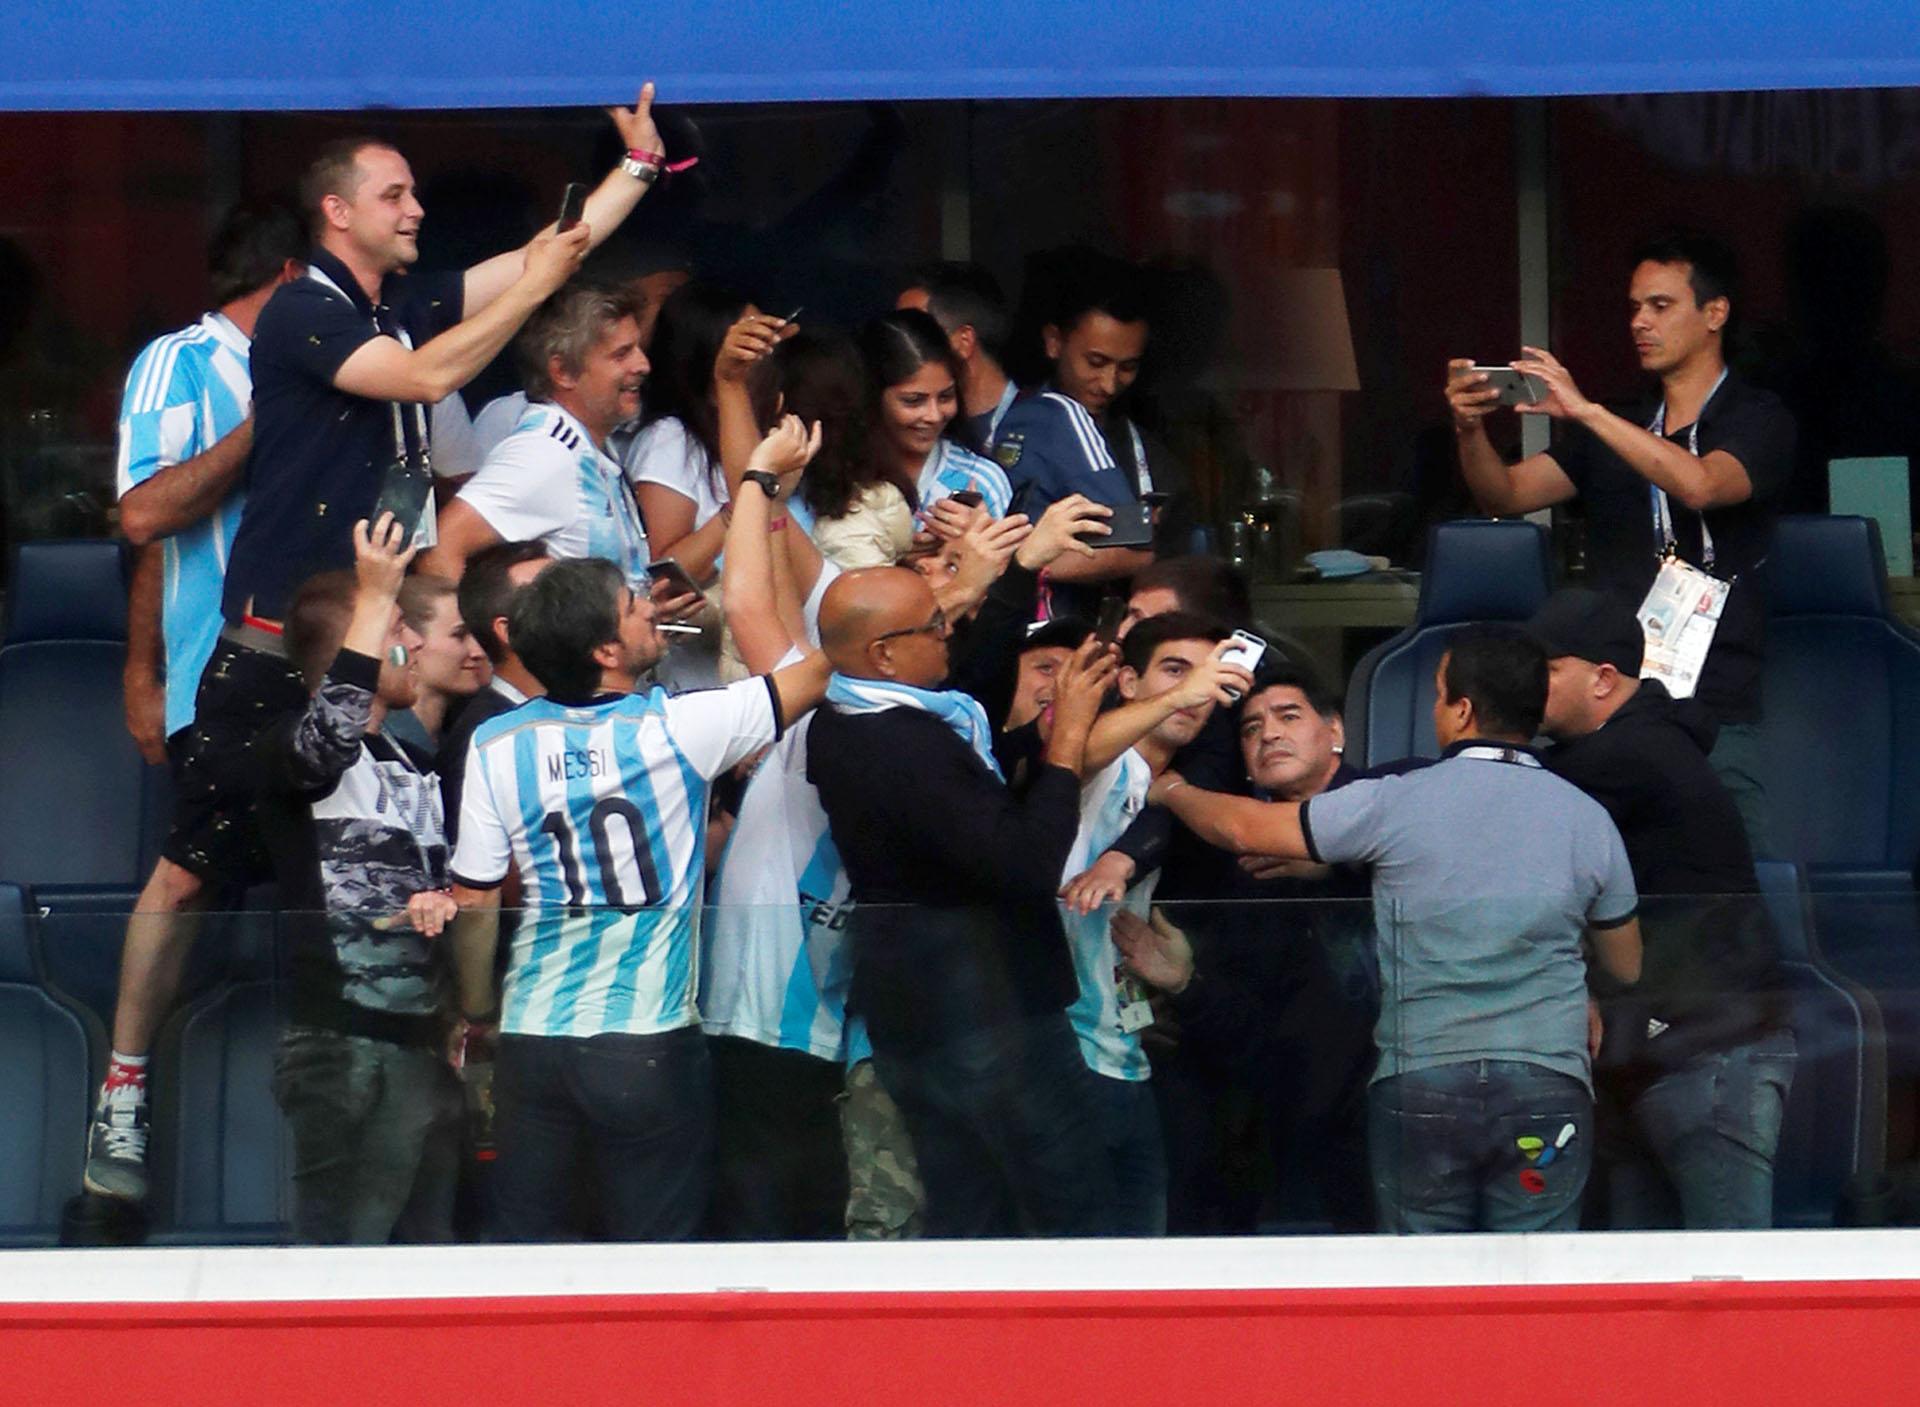 Invasión de palco: una decena de hinchas se acercan a Maradona